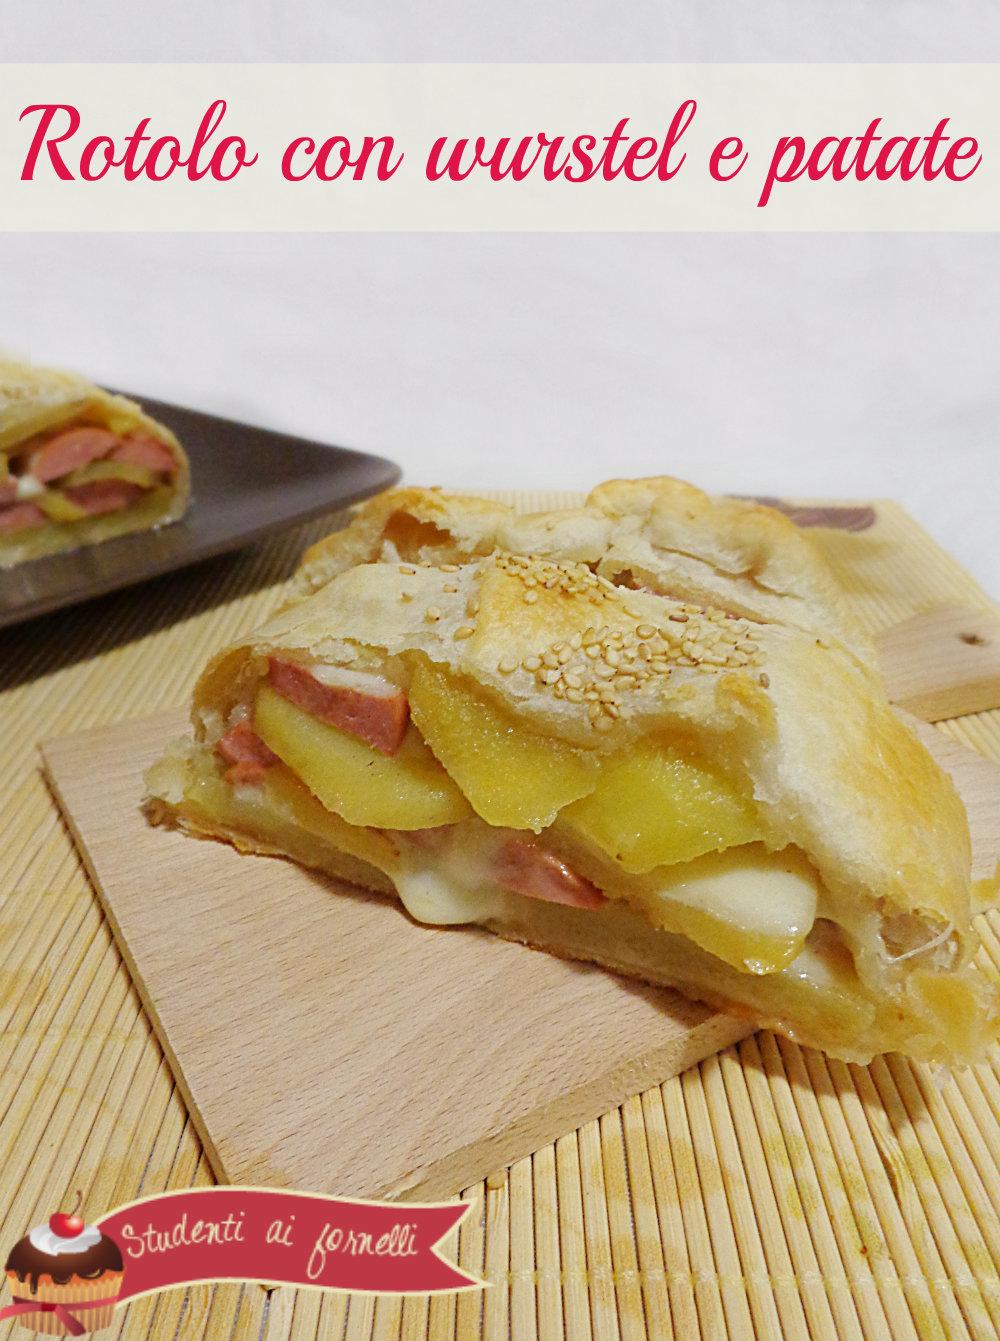 rotolo di sfoglia con wurstel e patate mozzarella ricetta facile